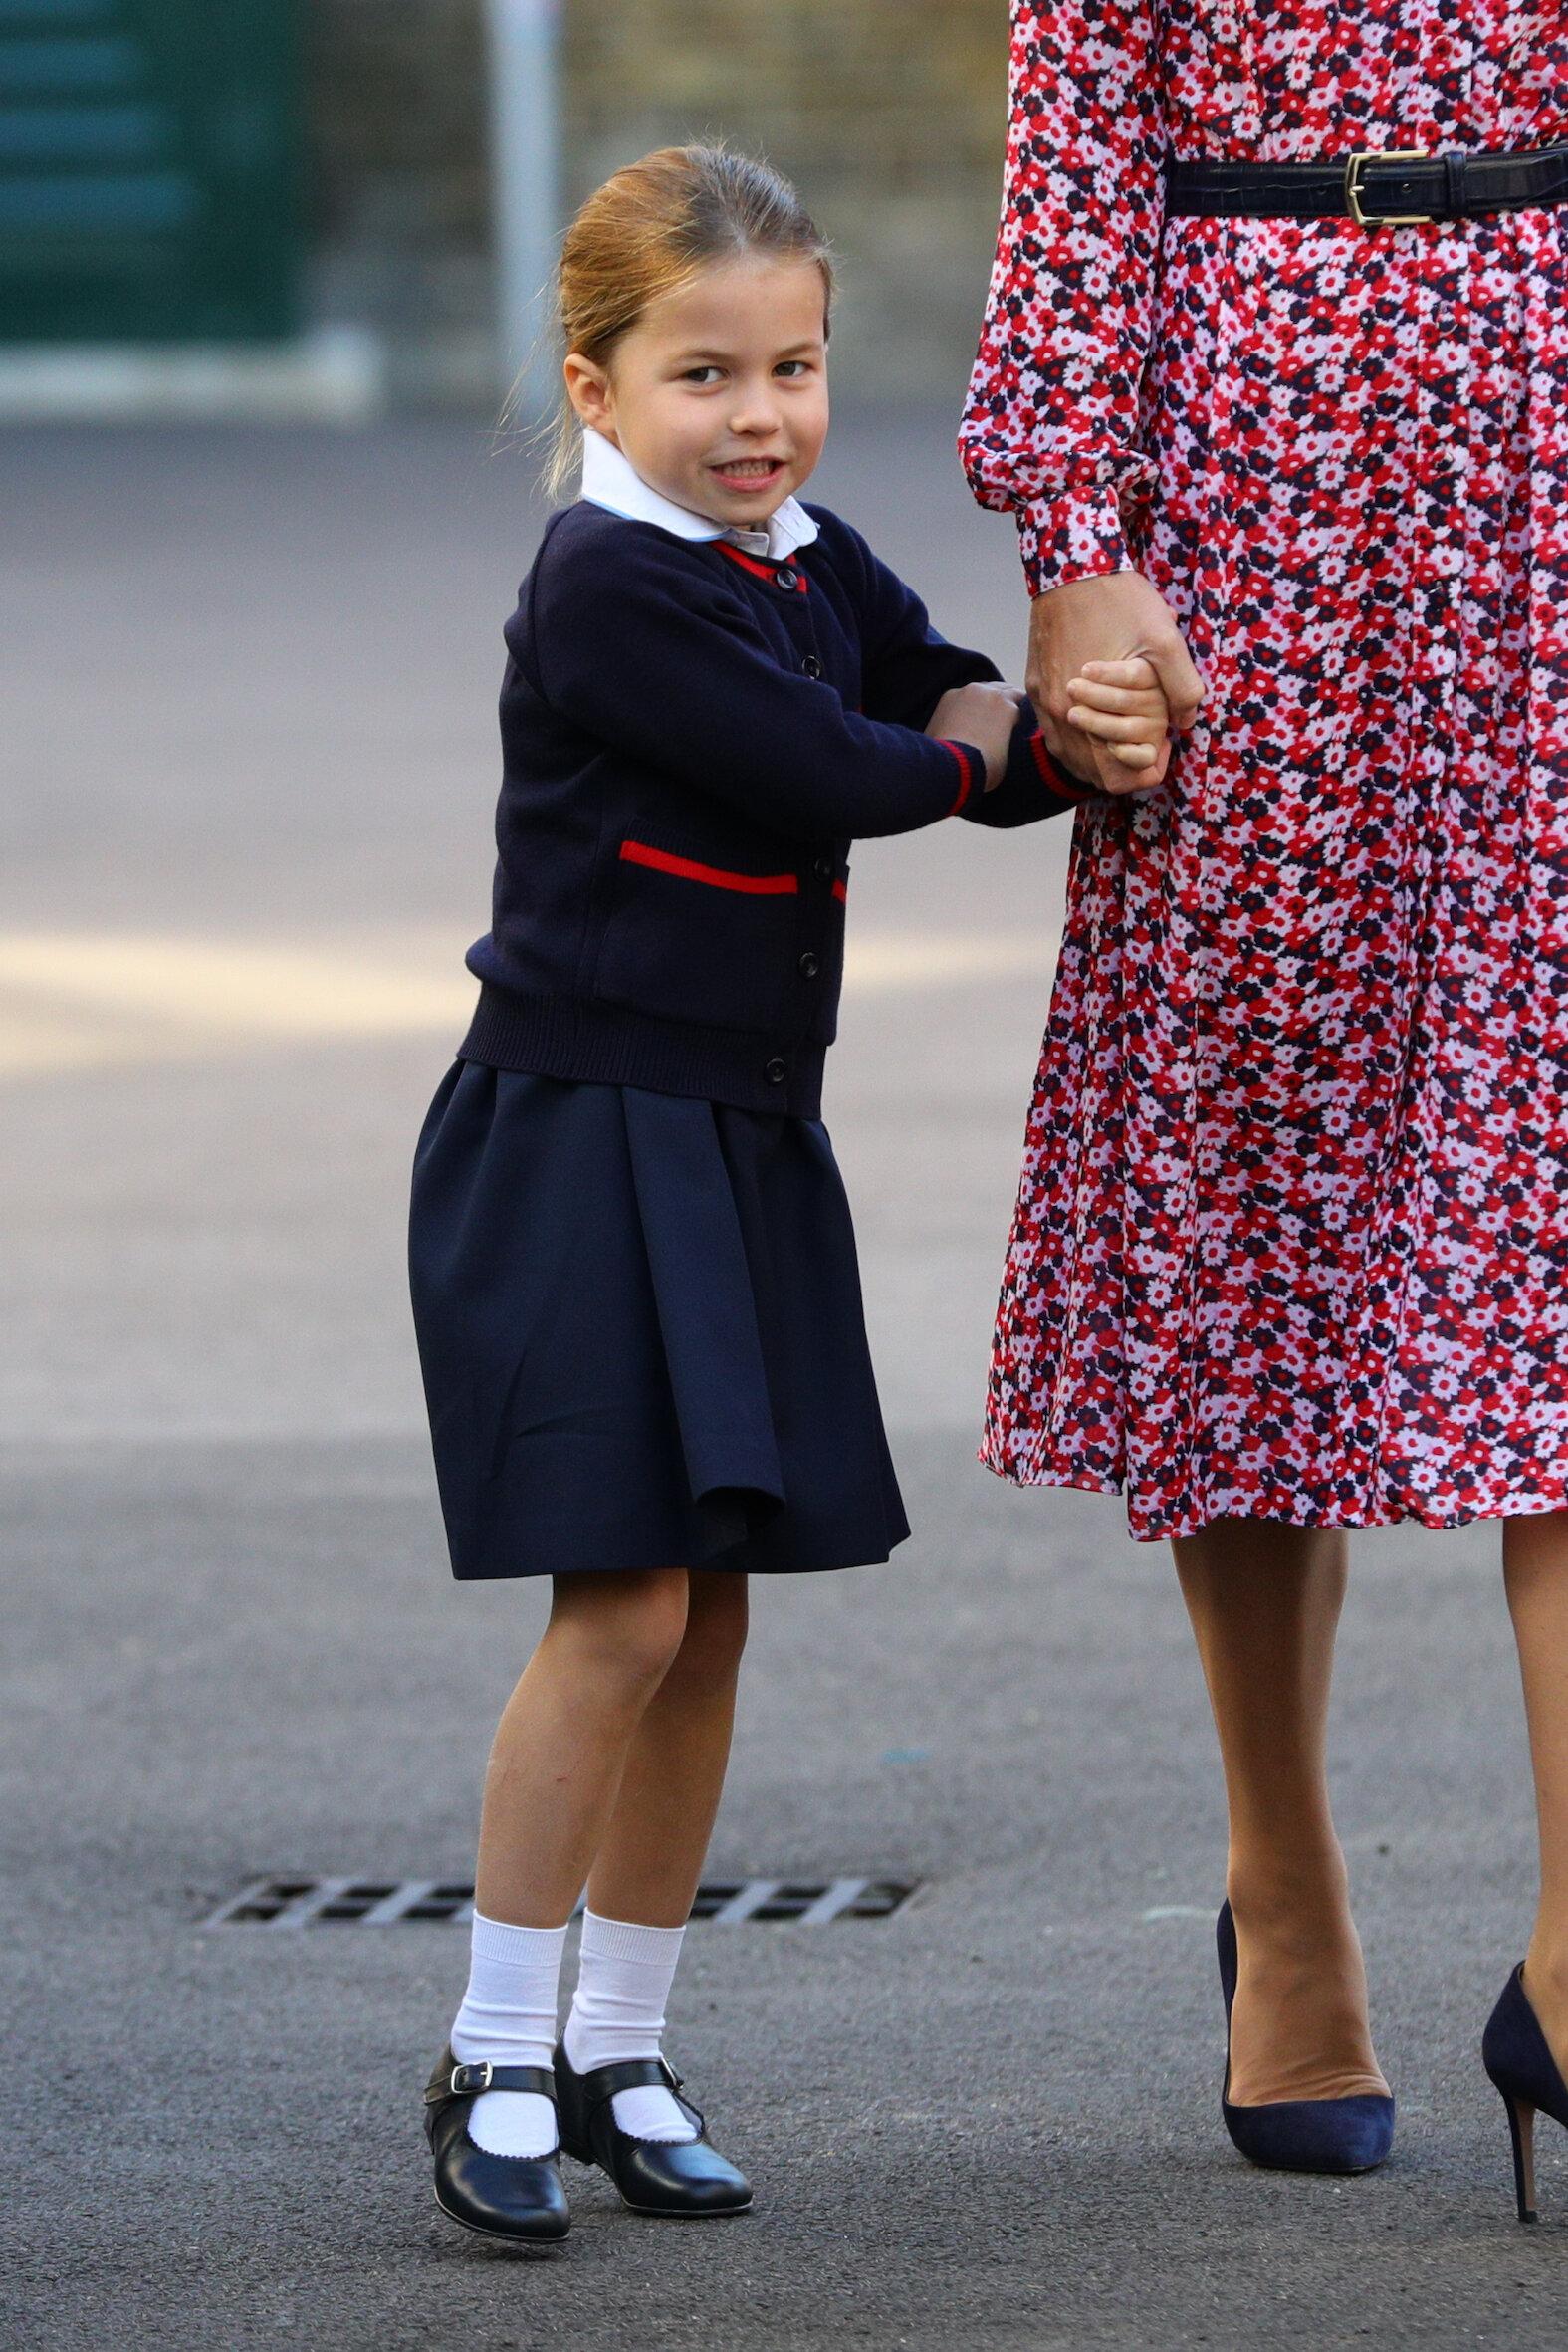 Prinzessin Charlotte gibt gerne kleine Vorstellungen für ihre Eltern, das hat Herzogin Kate nun verraten.  © picture alliance / empics